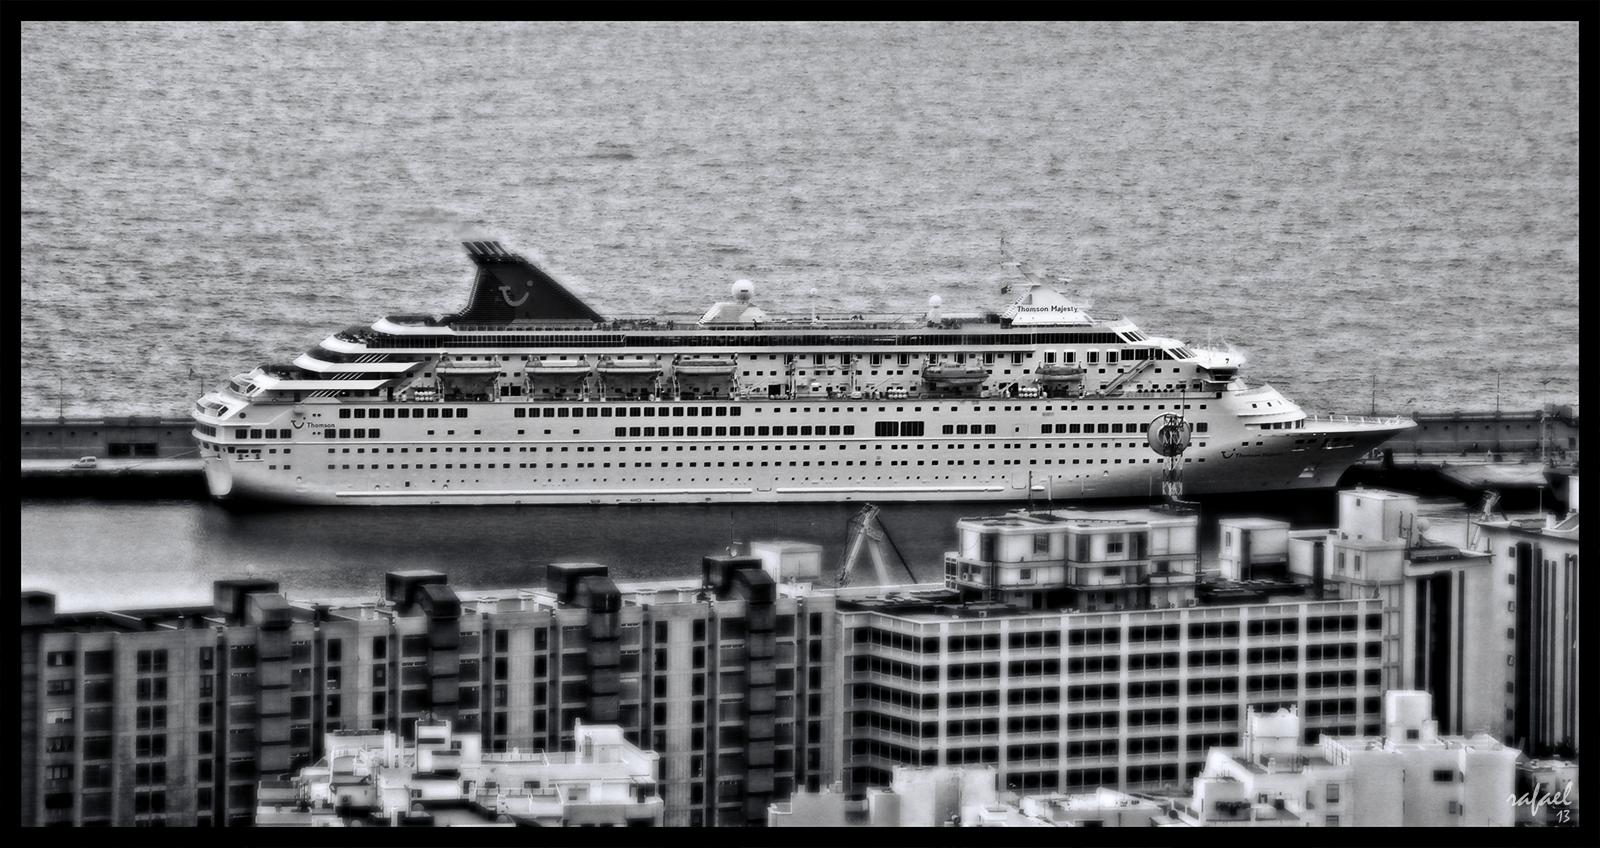 El reposo del crucero